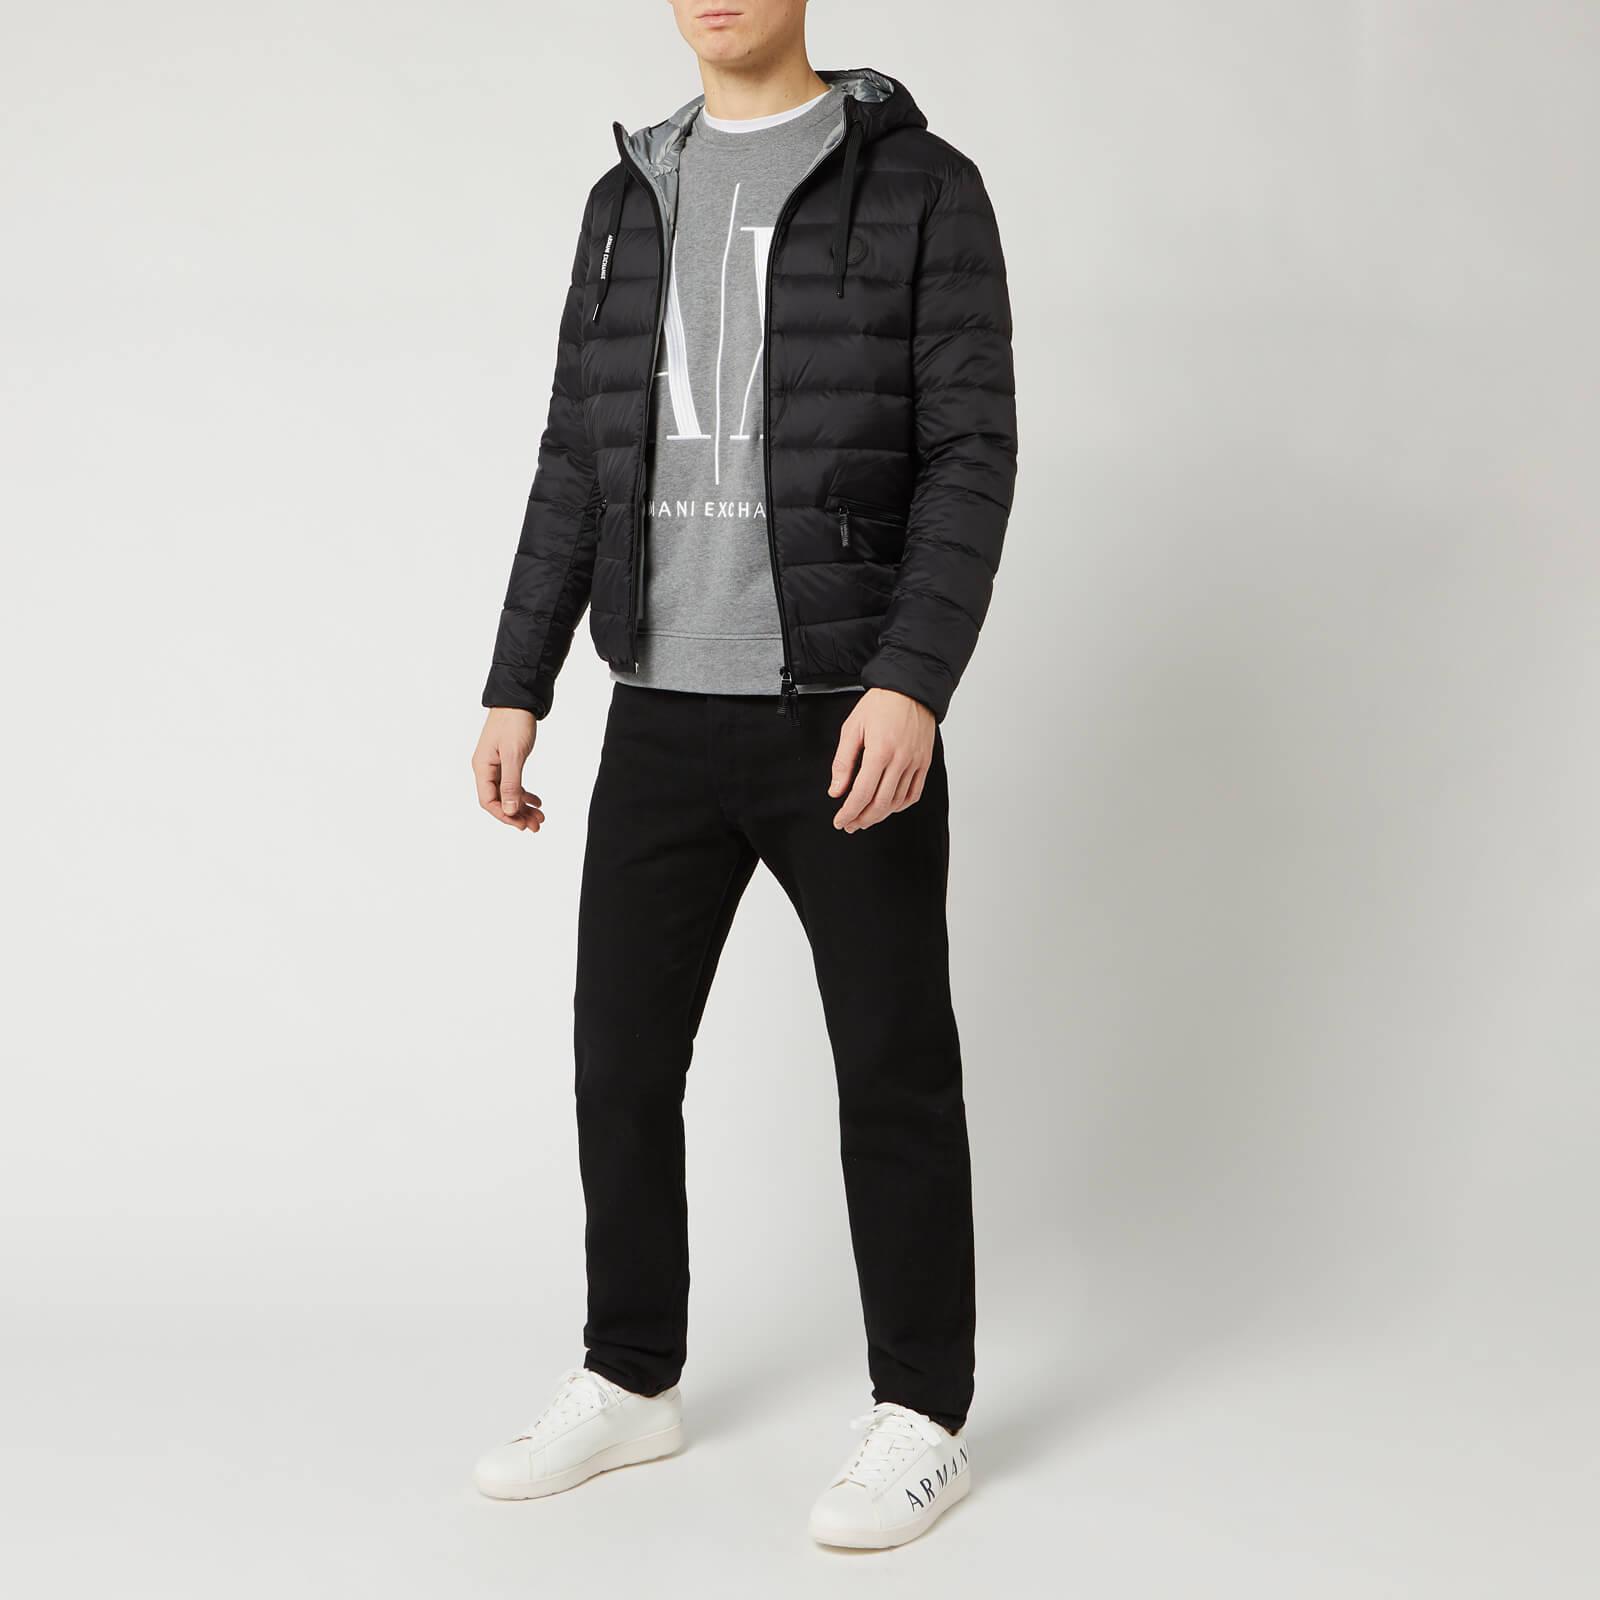 Armani Exchange Men's Padded Hooded Jacket - Black/Grey Melange - L